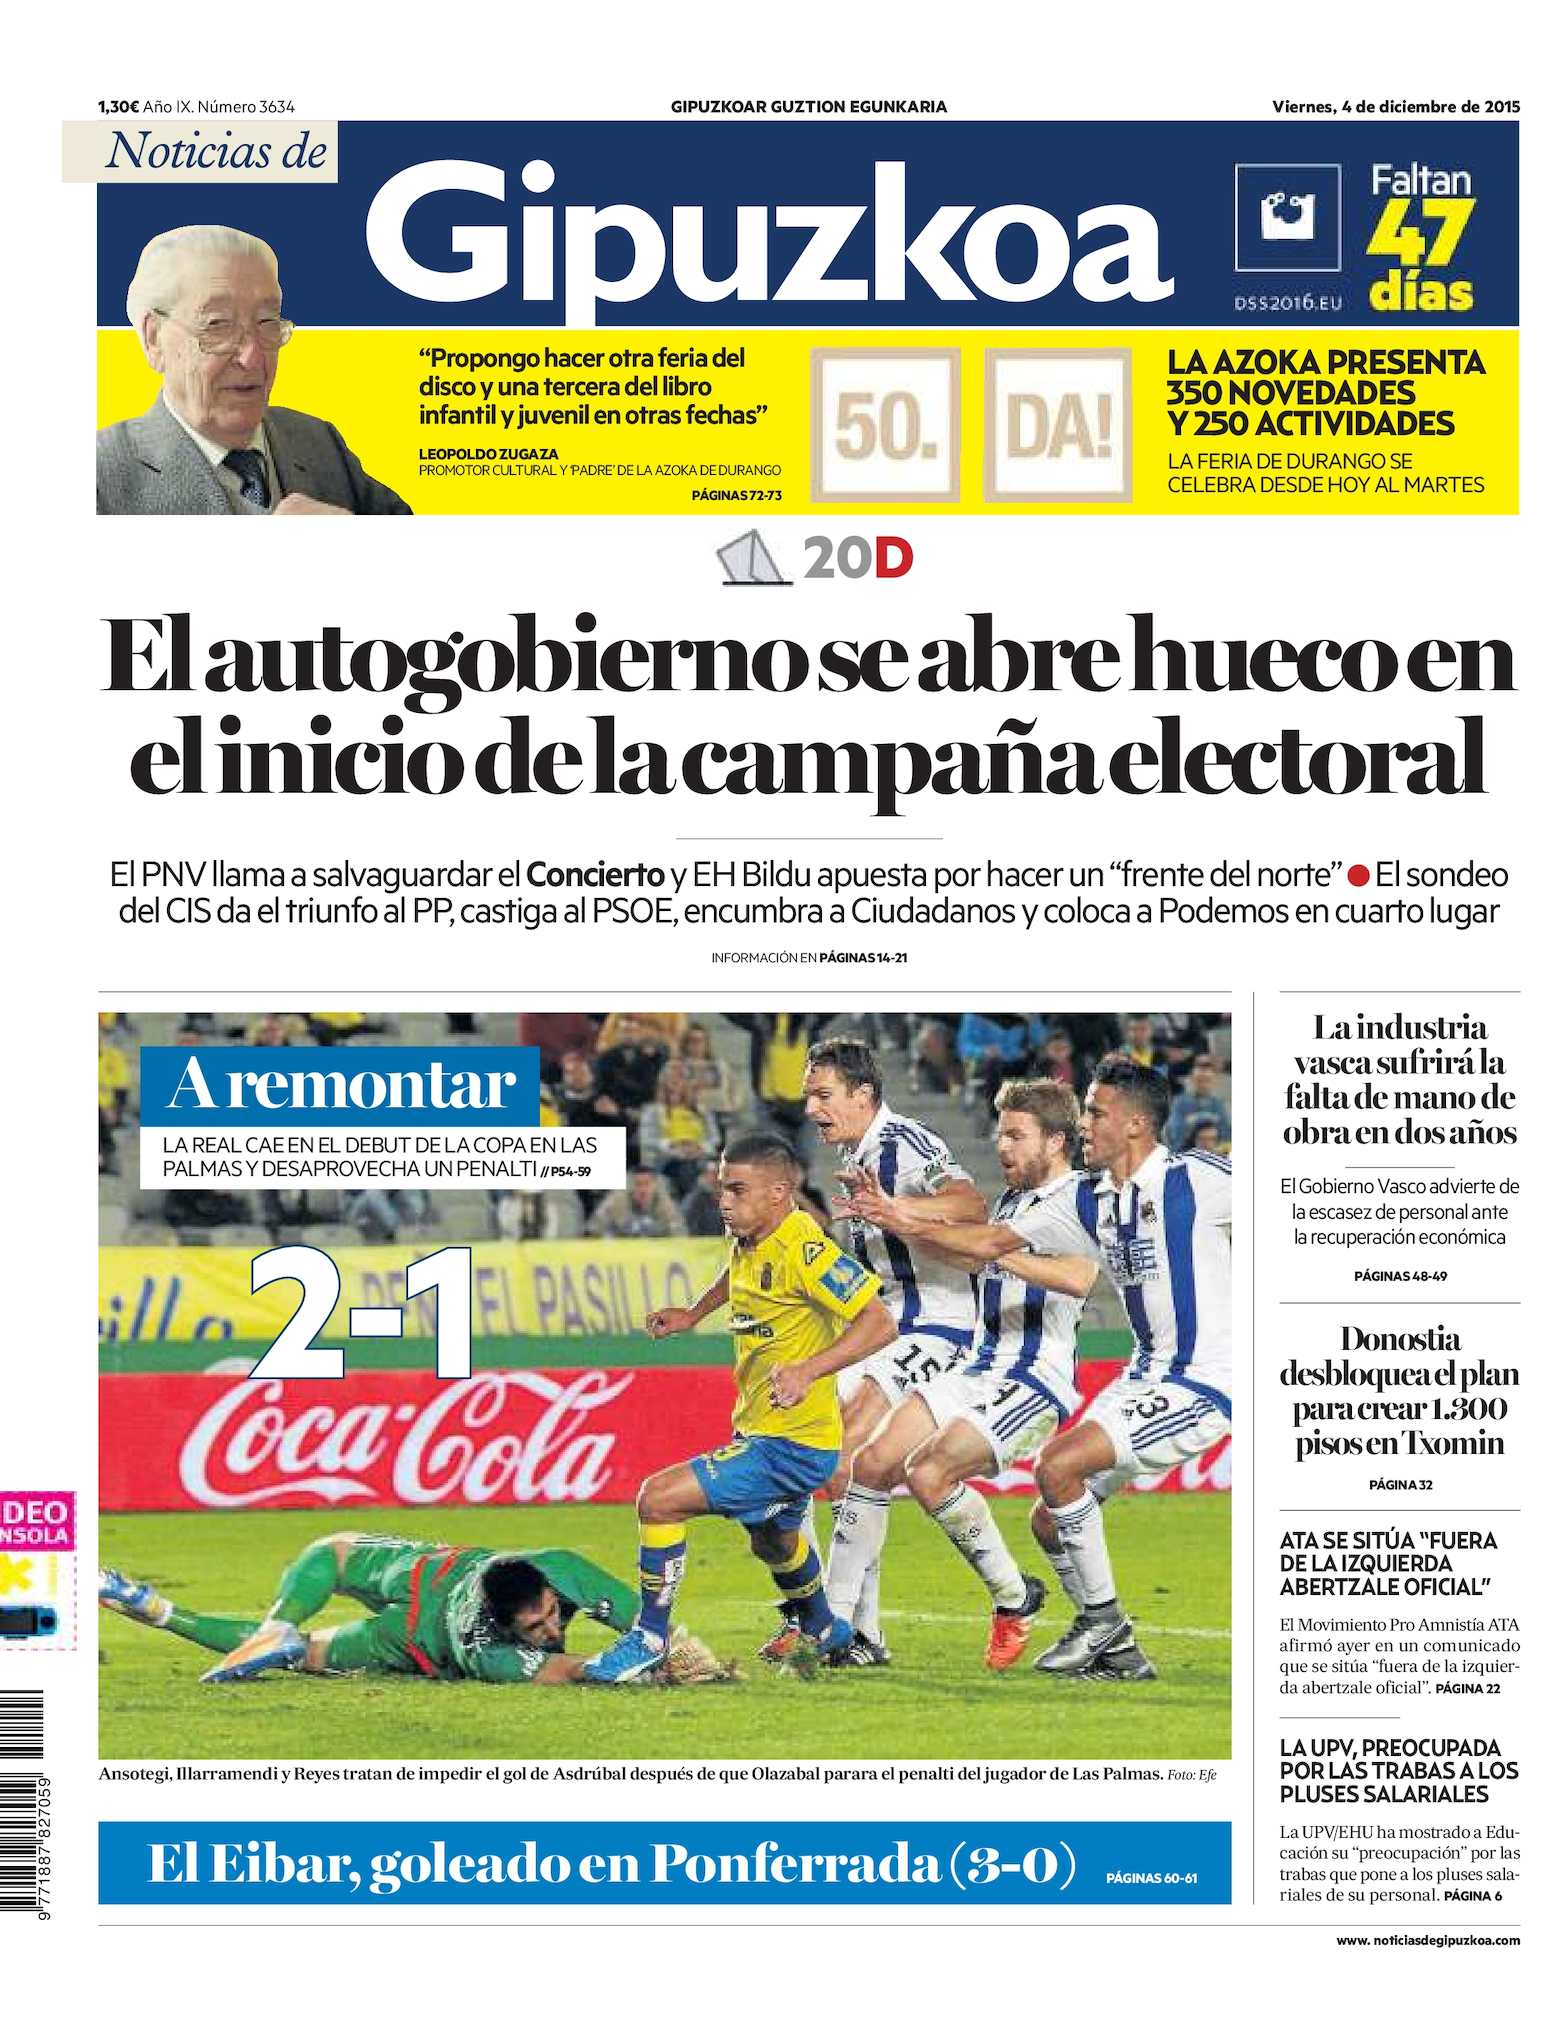 1e21622570a8c Calaméo - Noticias de Gipuzkoa 20151204